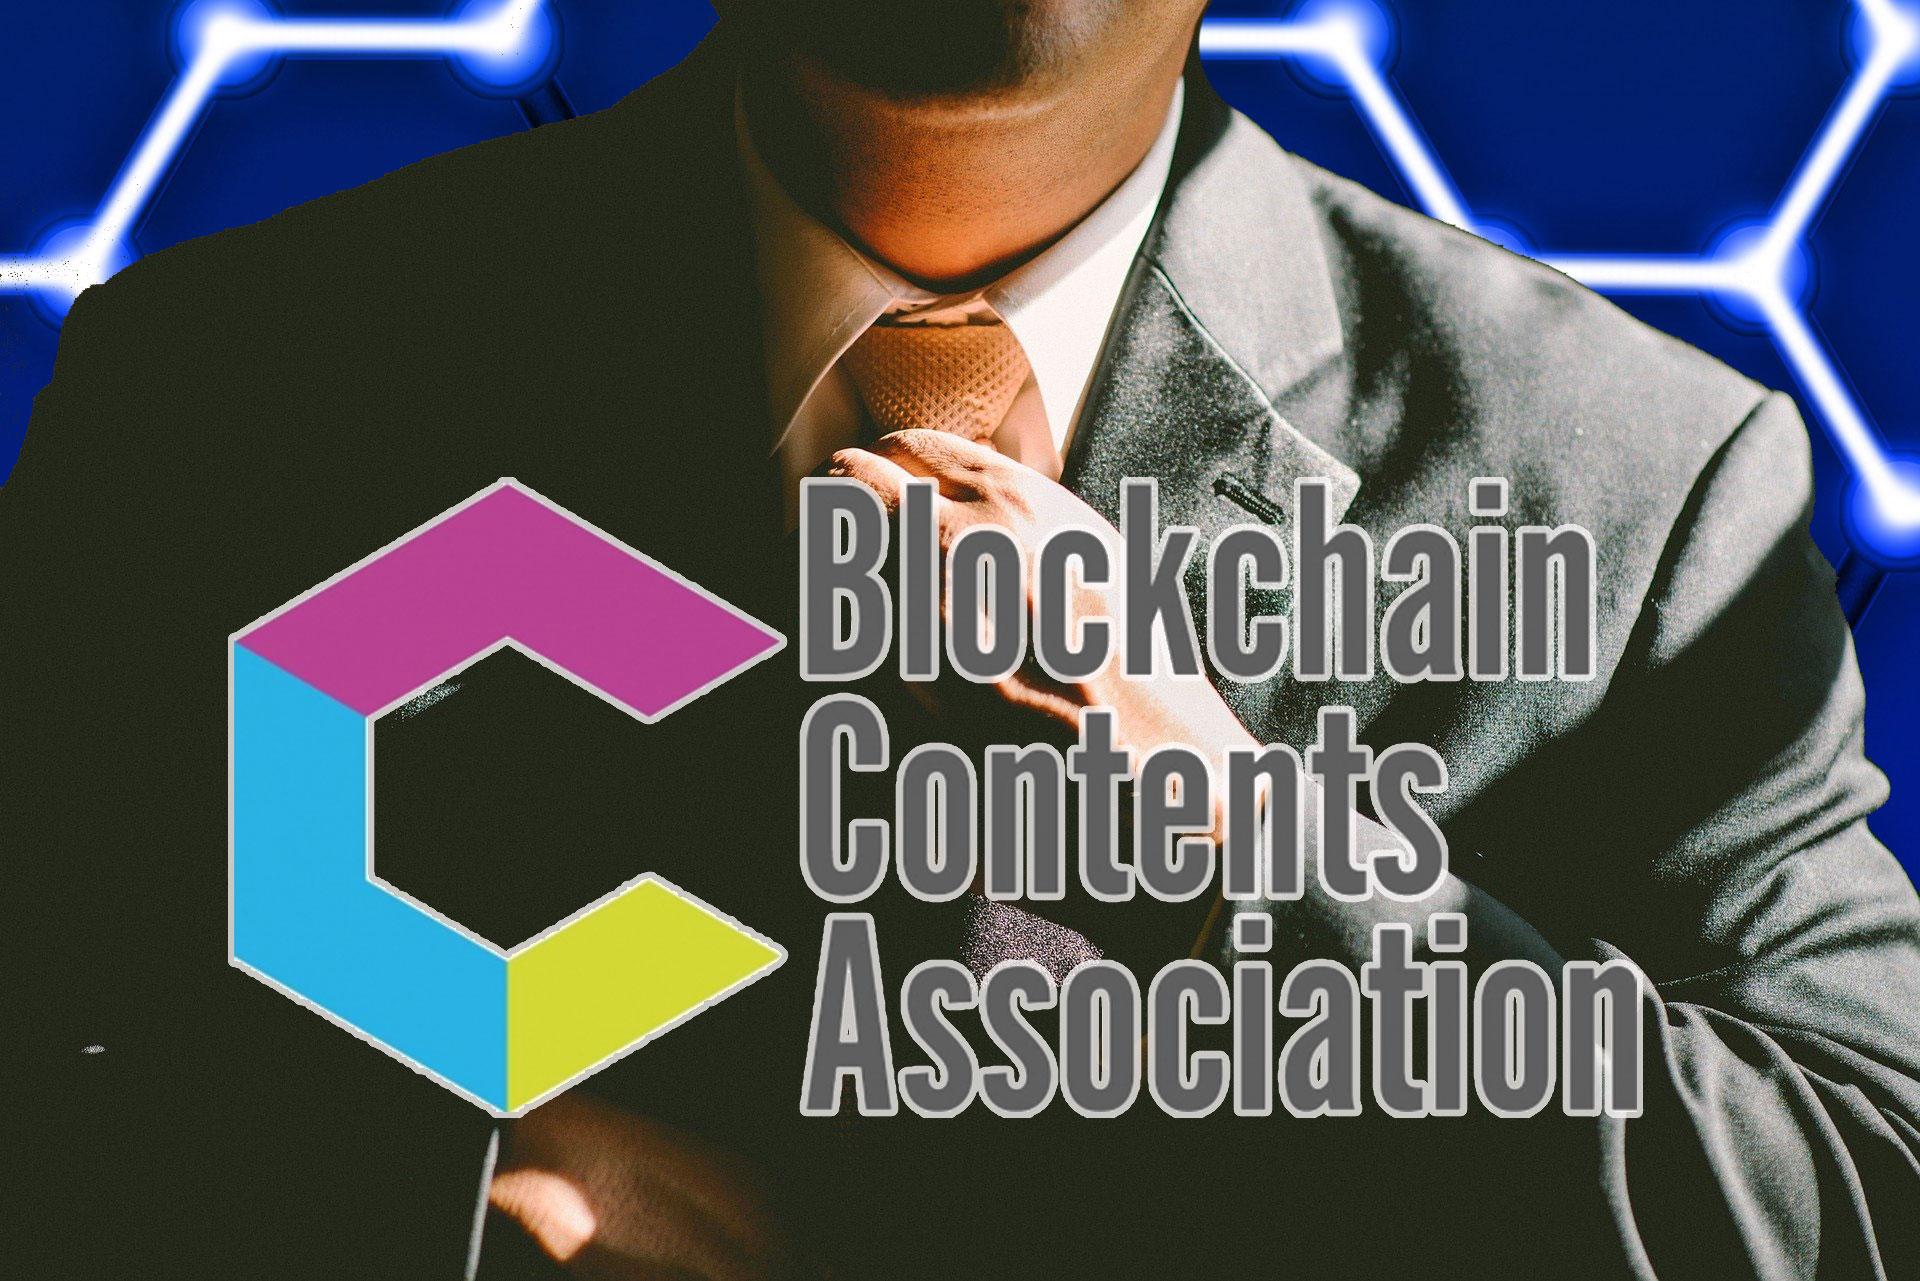 ブロックチェーンコンテンツ協会、事業者が取り扱うべき指針として「ガイドライン」を発表